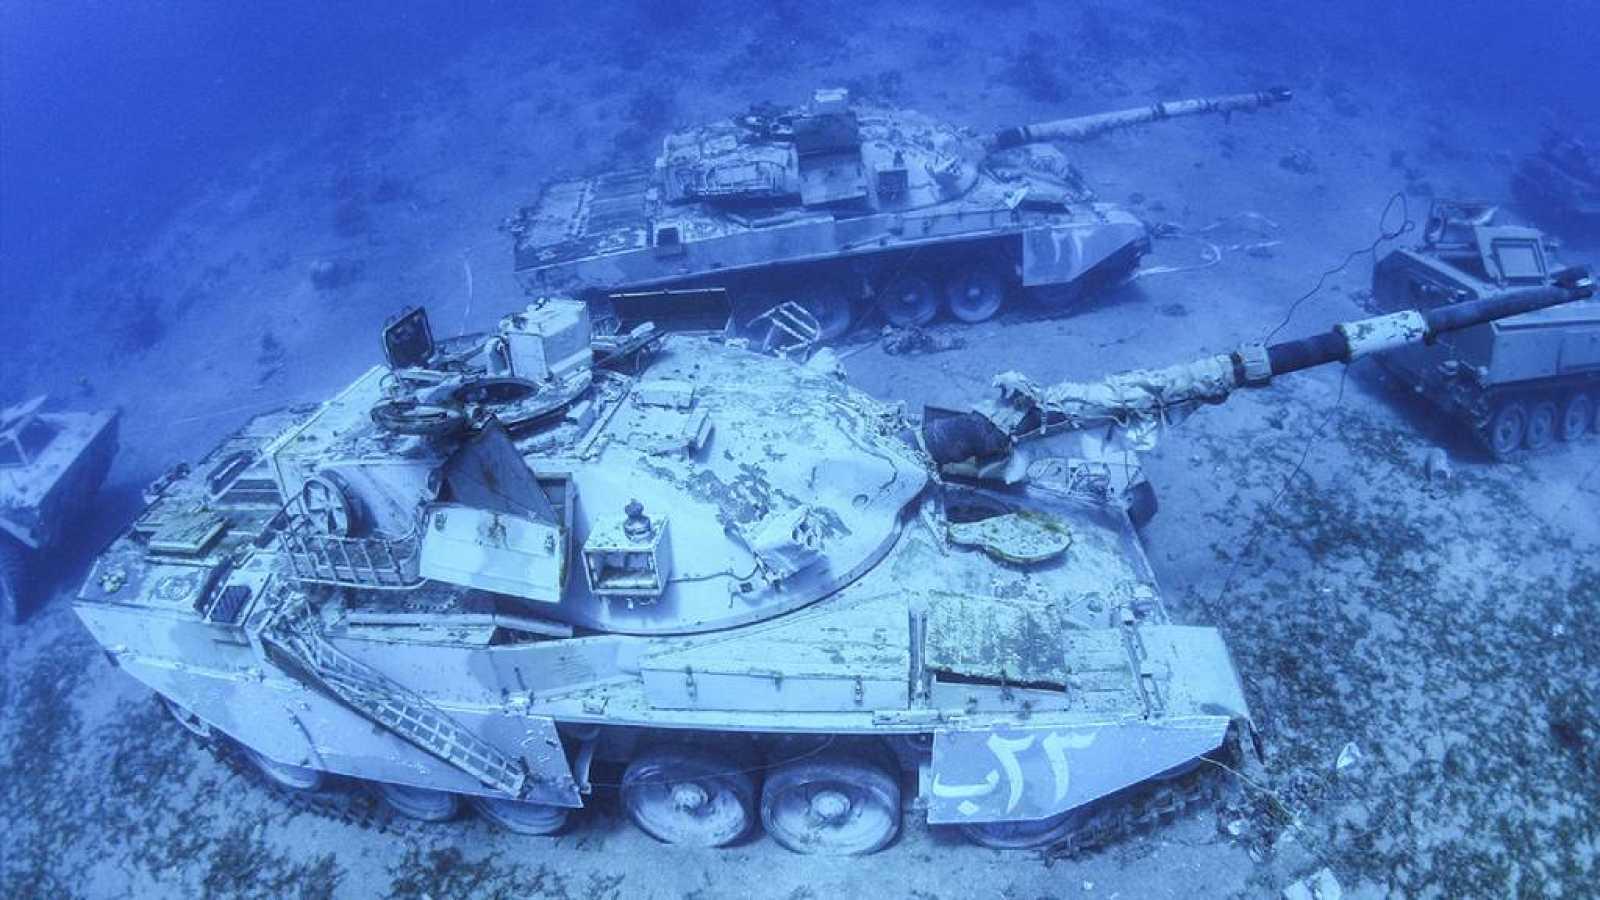 Mundo aparte - Museo militar submarino en el Mar Rojo - 11/08/19 - Escuchar ahora